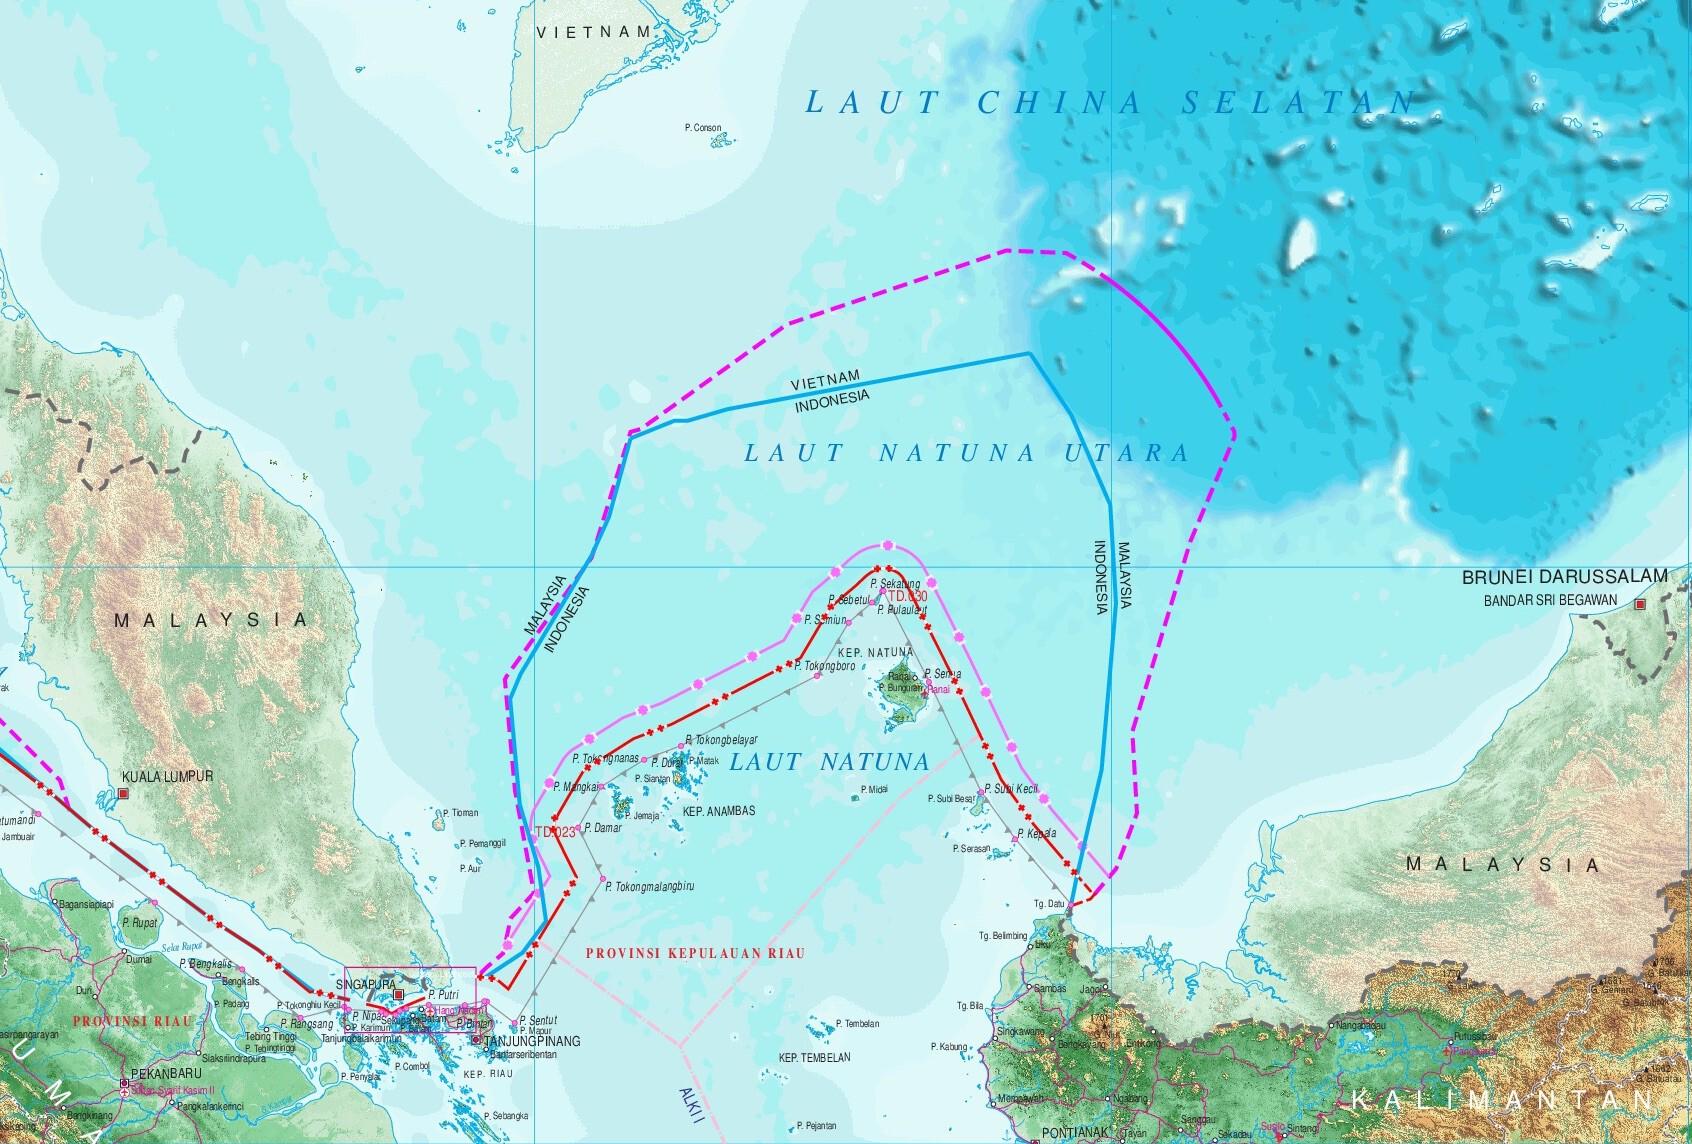 laut natuna utara - nalar.id